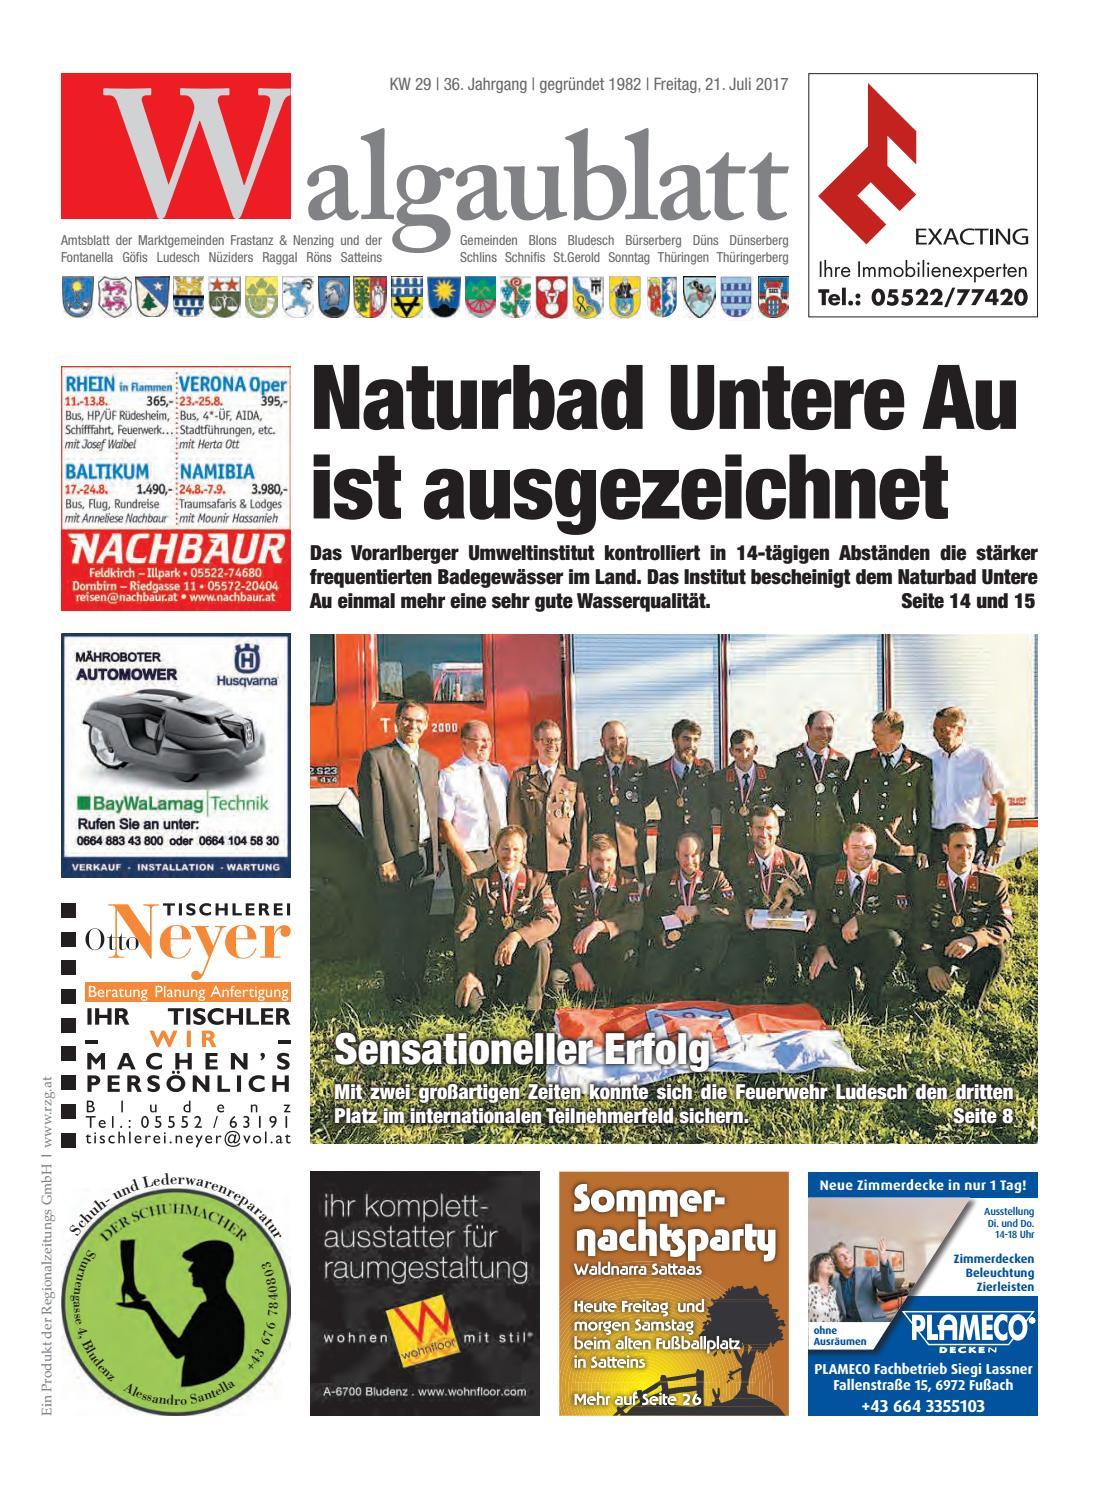 Wienerwald persnliche partnervermittlung - Sexkontakte